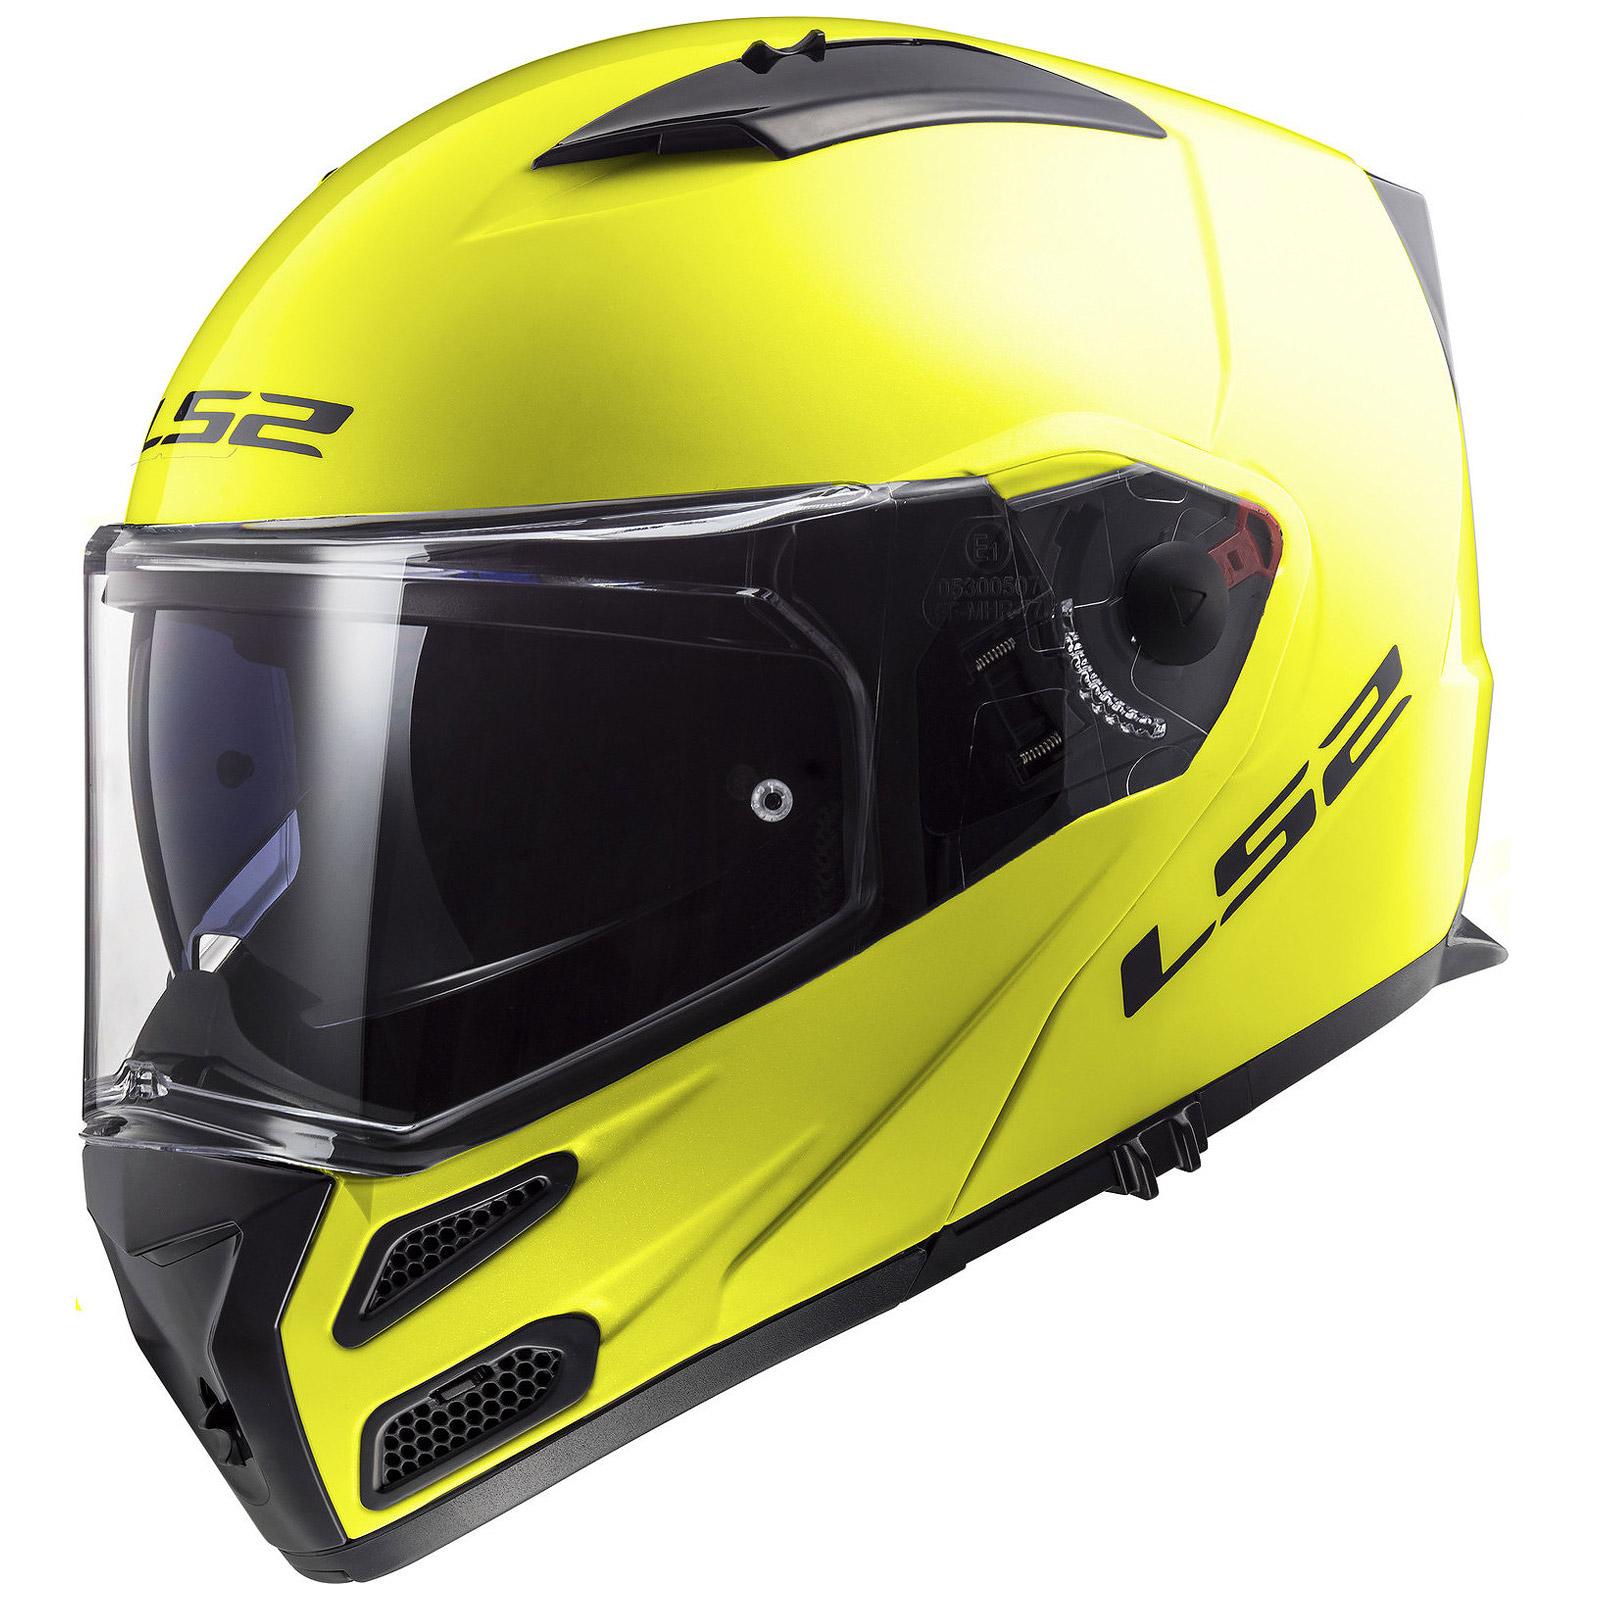 LS2 FF324 Metro Evo Firefly Flip Up Front Crash Helmet Motorcycle Bike